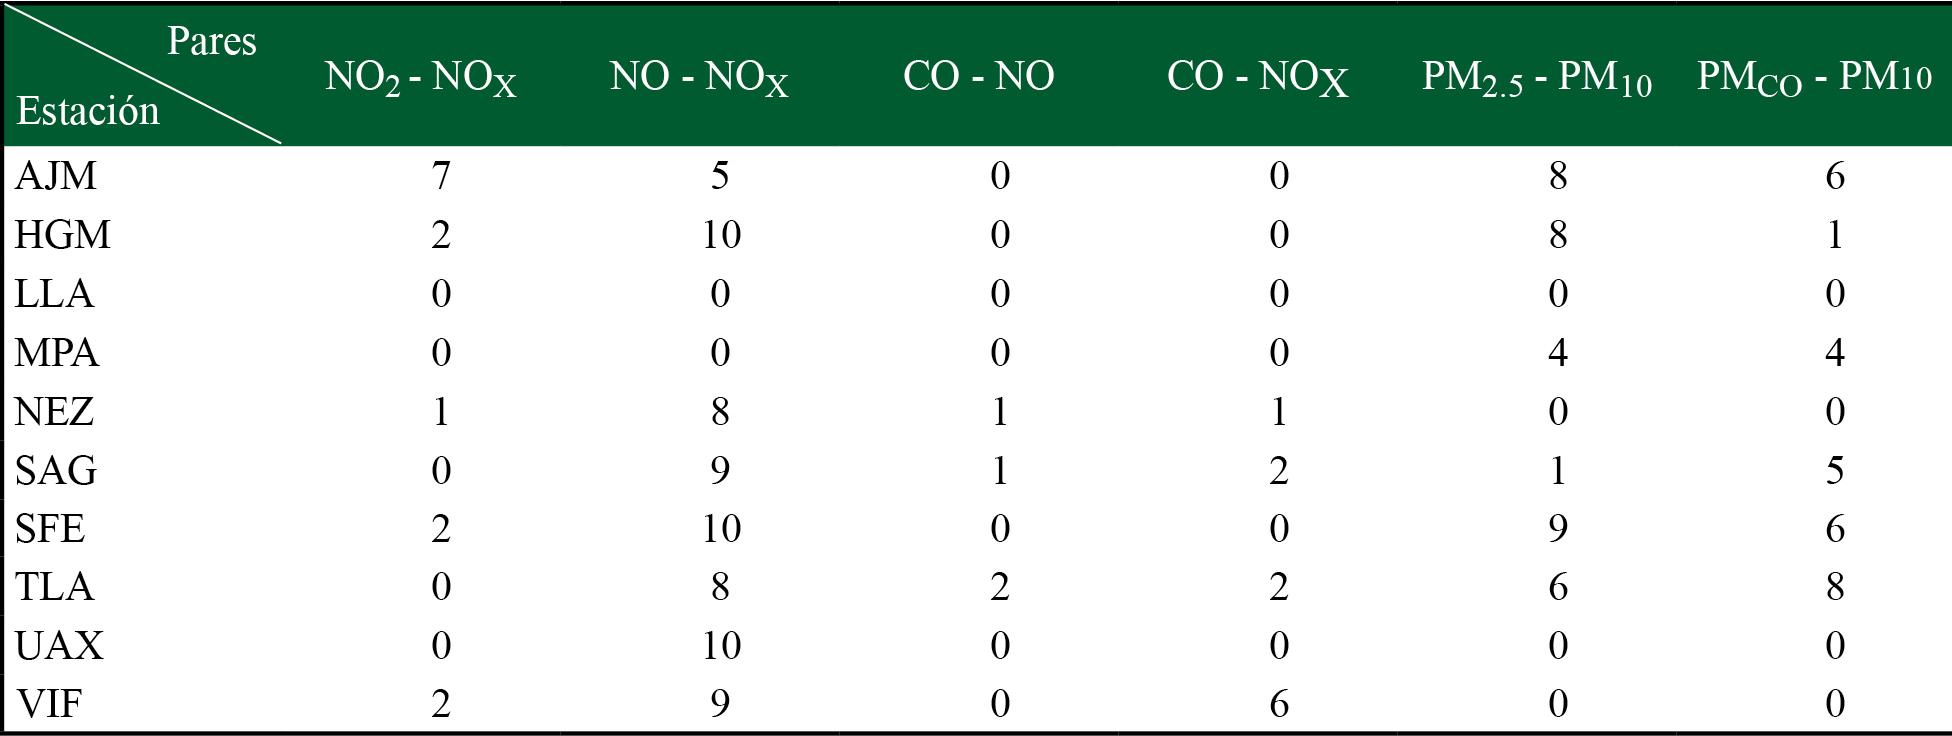 Conteo de número de meses en los que hay una correlación significativa entre pares de datos de partículas y gases contaminantes (rA,B > 0.8) para las 10 estaciones